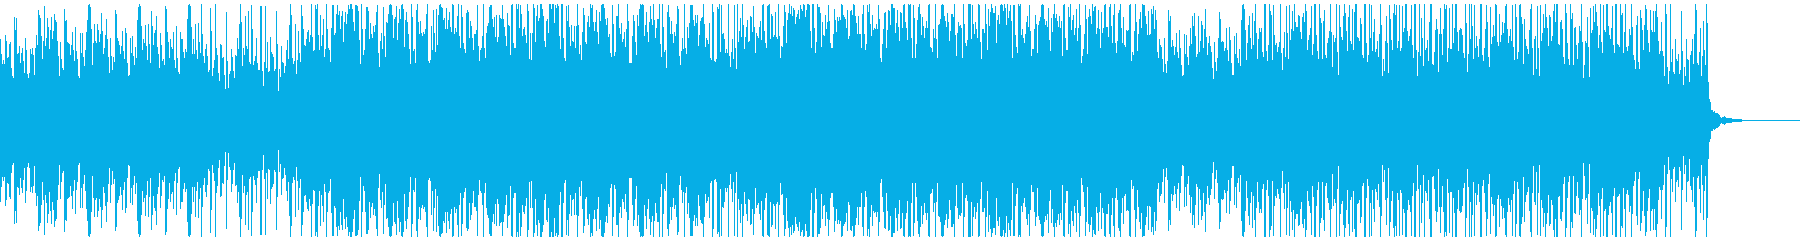 企業VPやCMにオープニング向けピアノの再生済みの波形